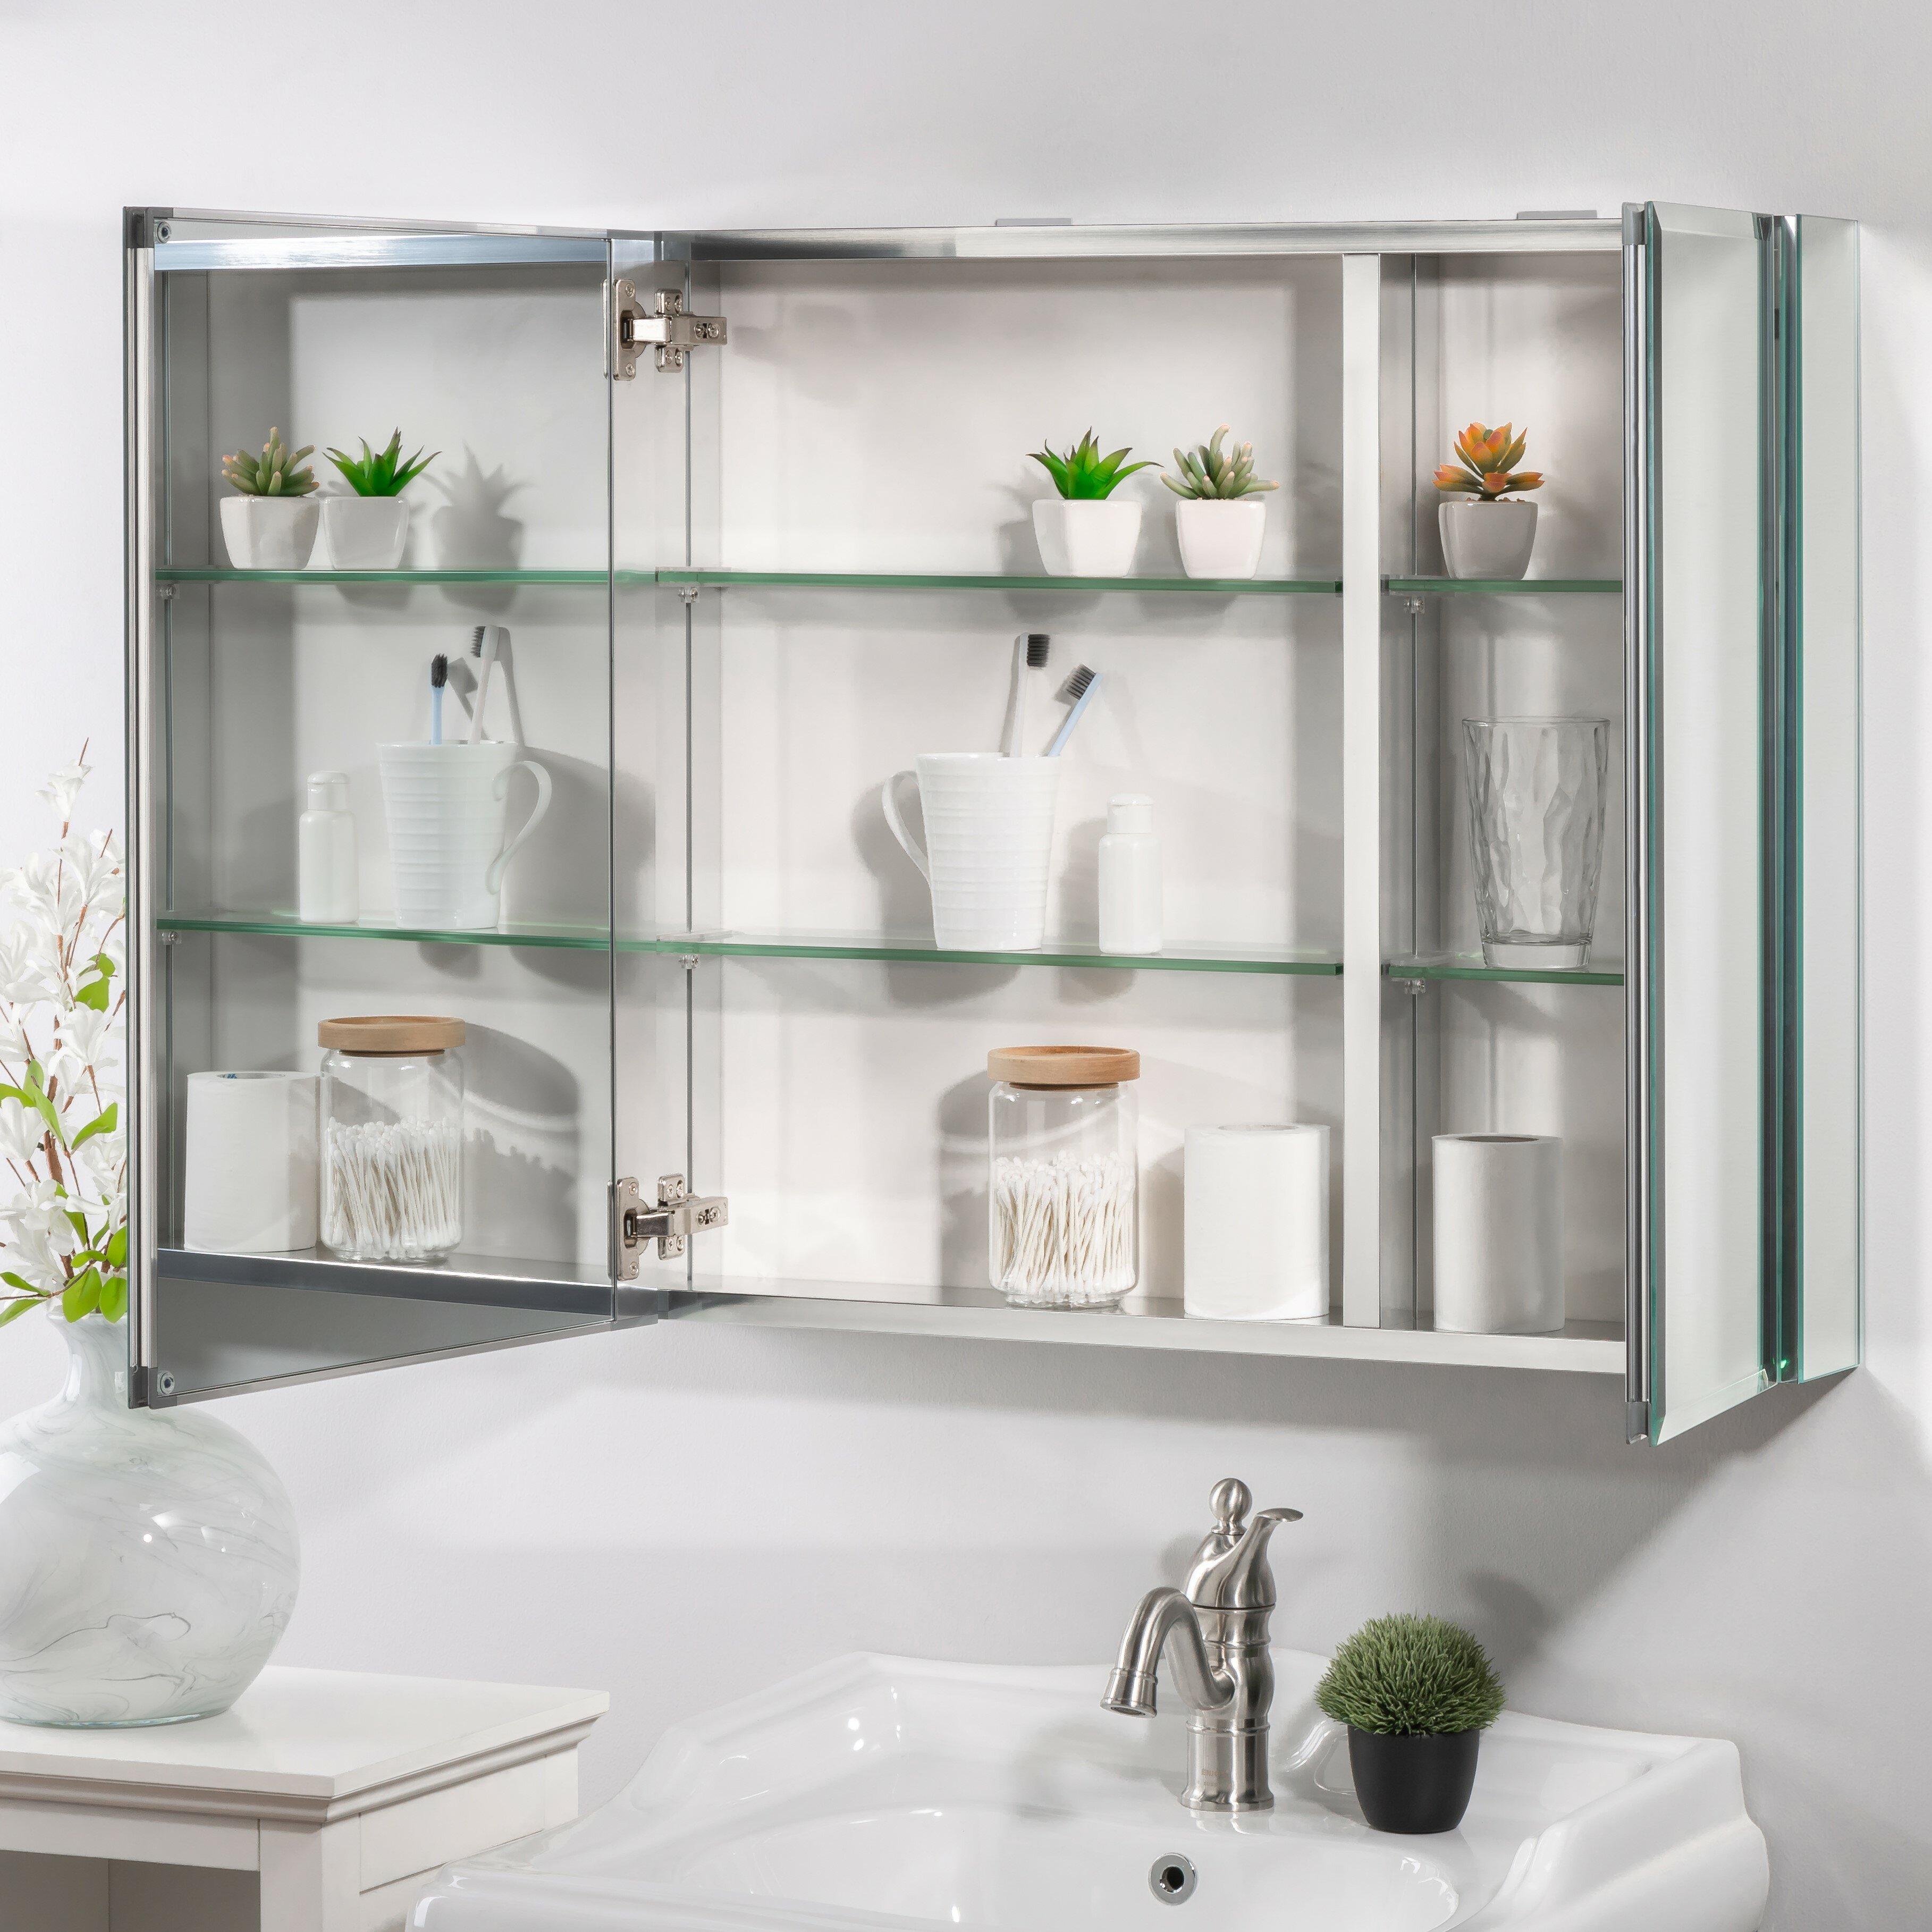 Sloten Surface Mount Framed 12 Medicine Cabinet with 12 Adjustable Shelves